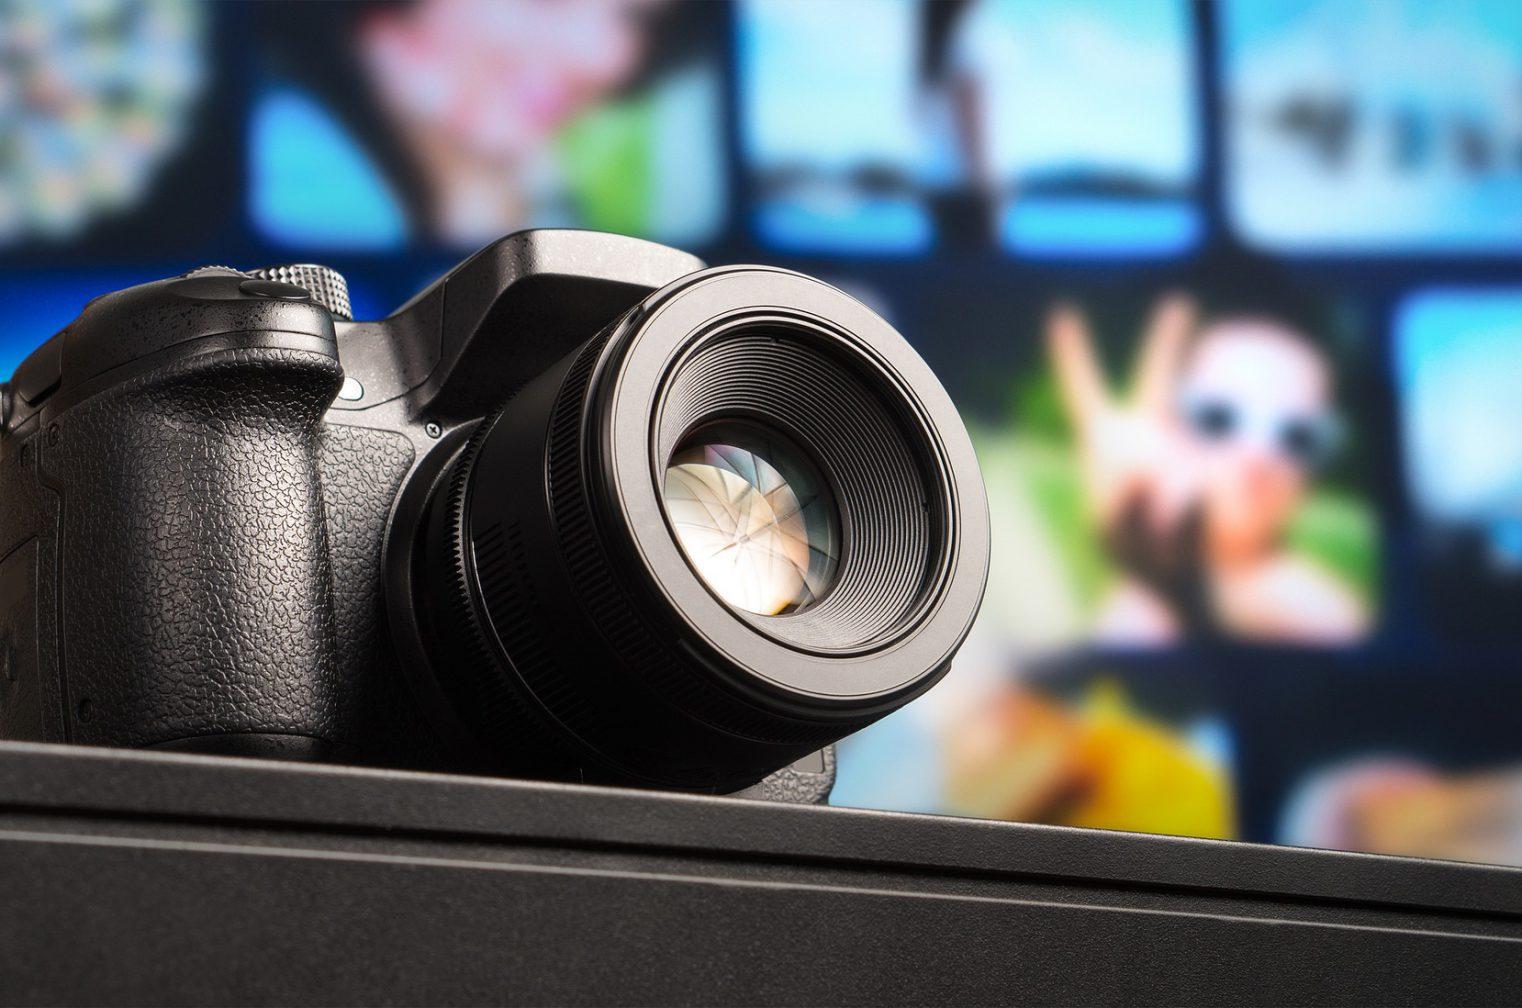 基本的な構造と各パーツの特性 【デジタルカメラの基礎講座(第1回)】